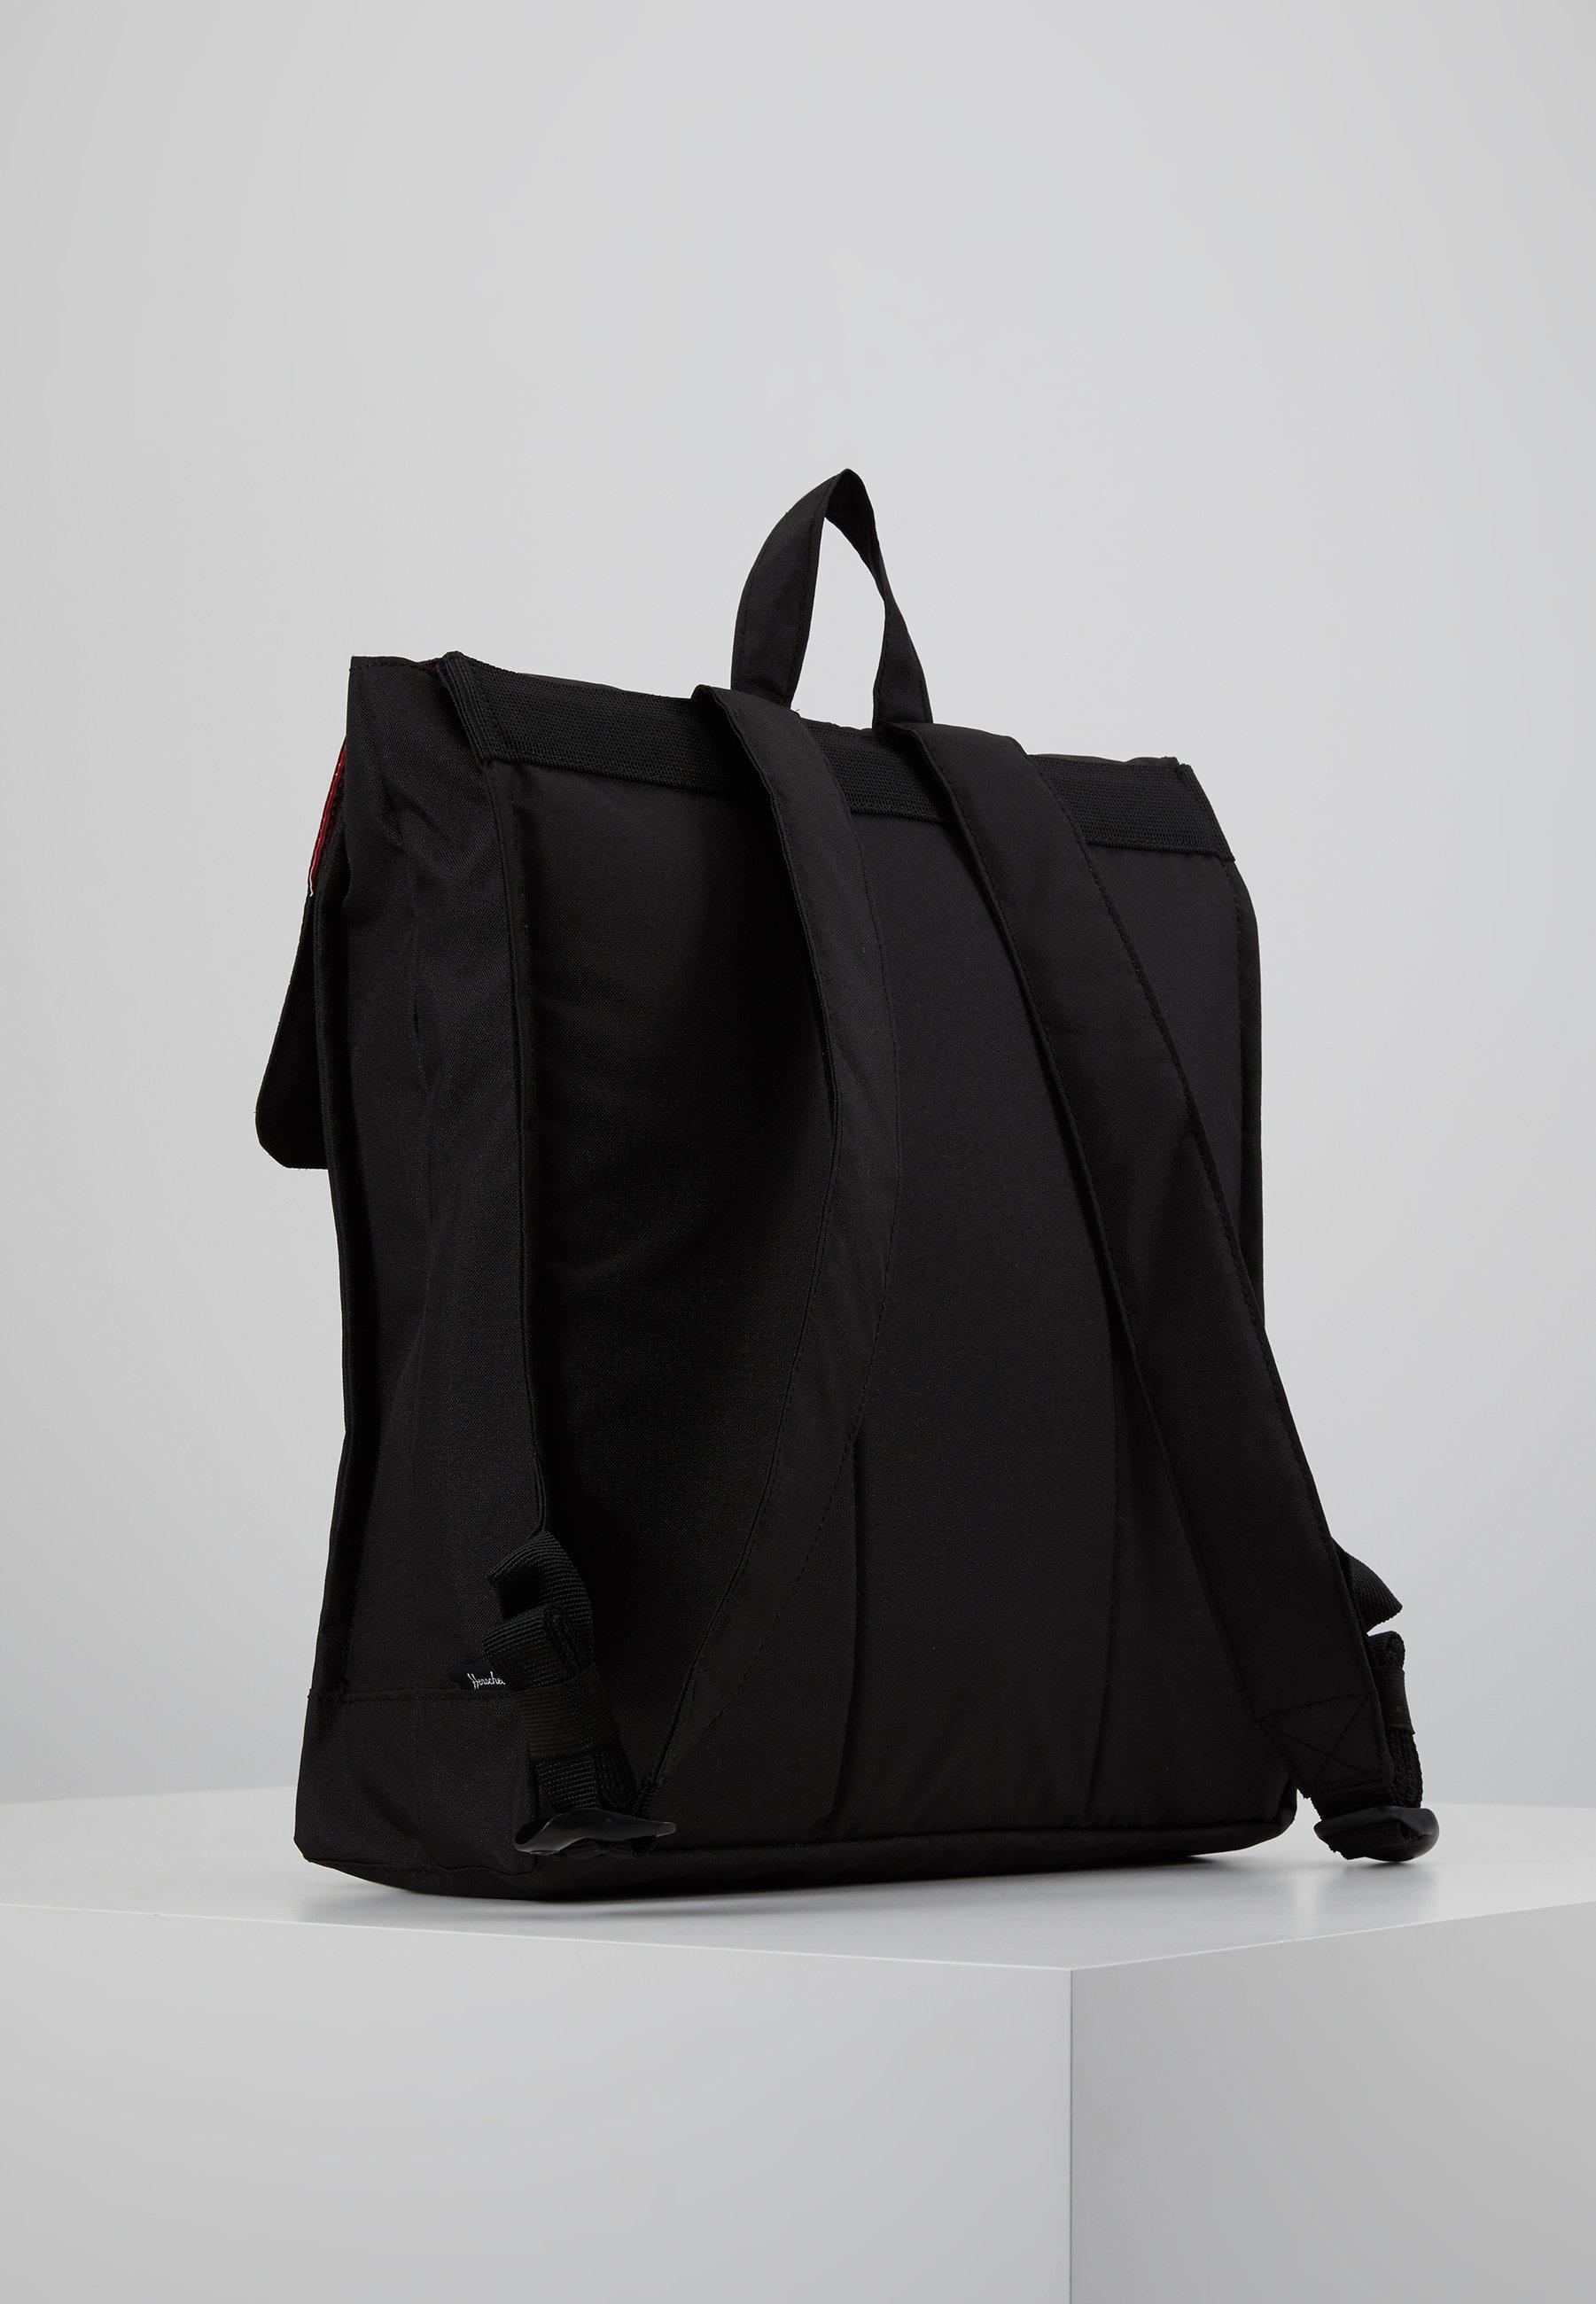 Herschel CITY MID VOLUME - Ryggsekk - black/svart QzrMEpc2PYzrY9K